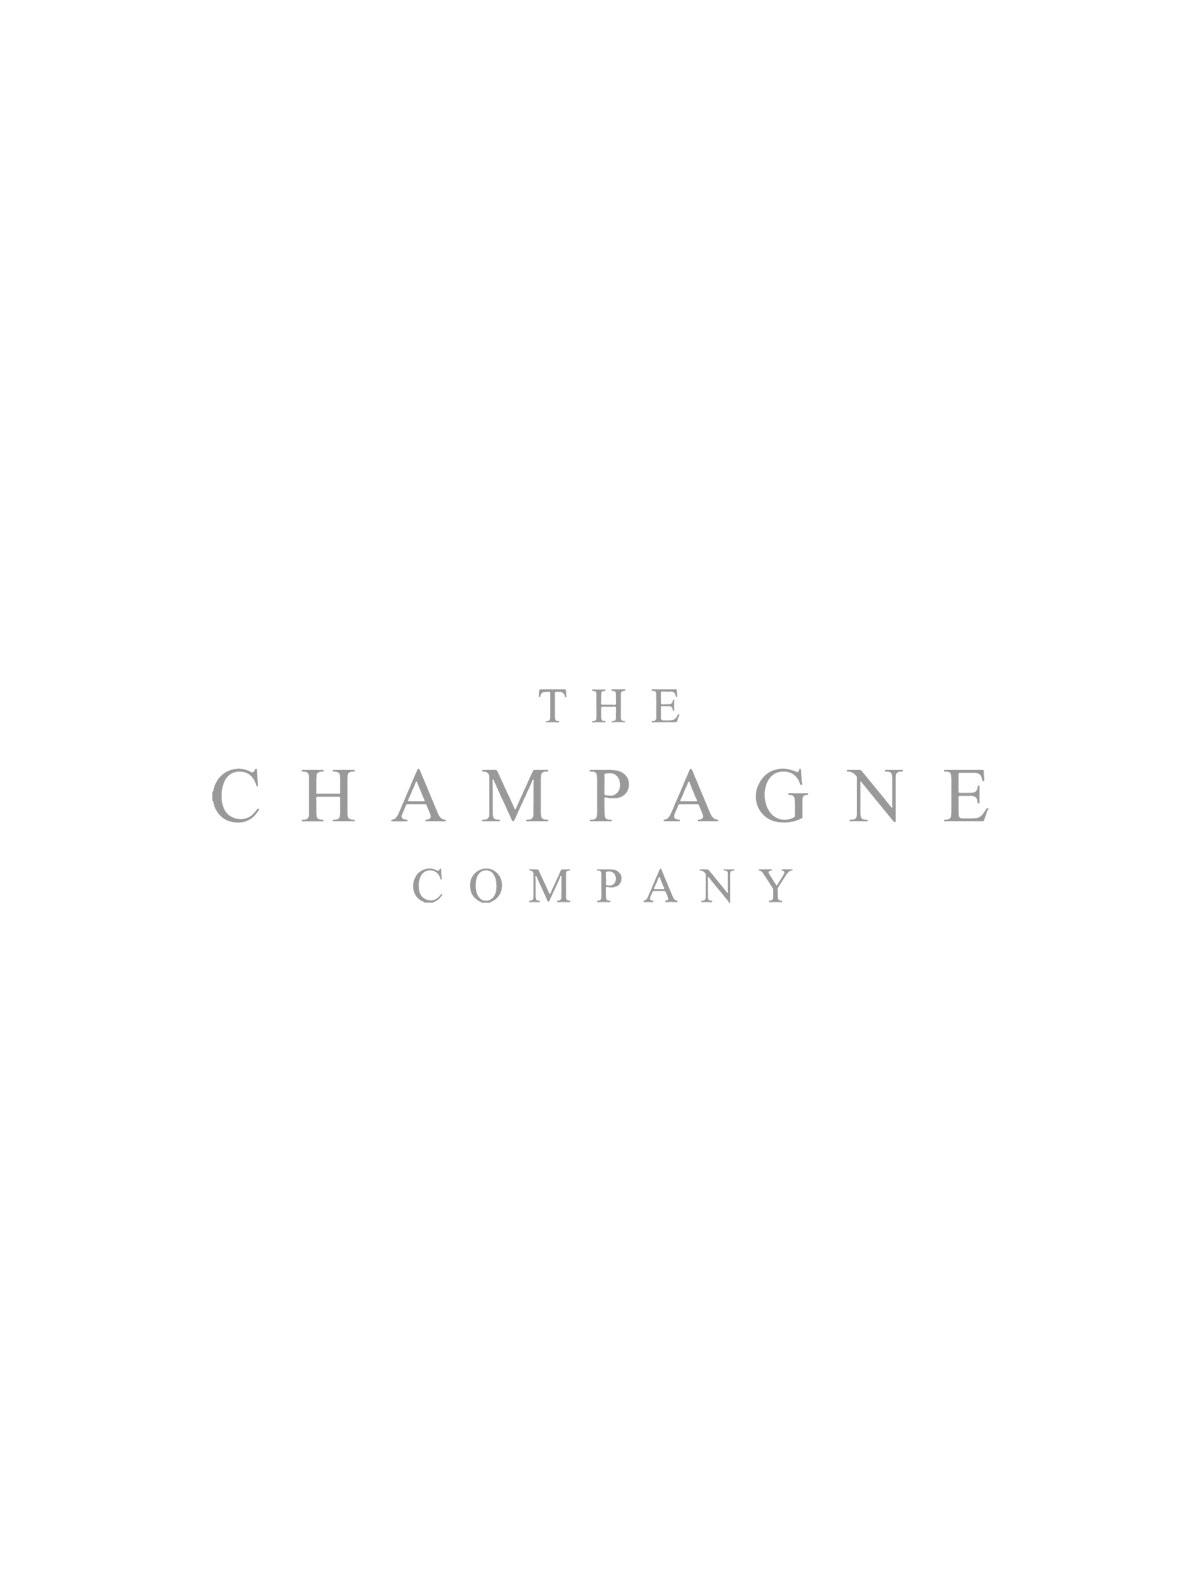 Digby Leander Pink Rose NV English Sparkling Wine 75cl